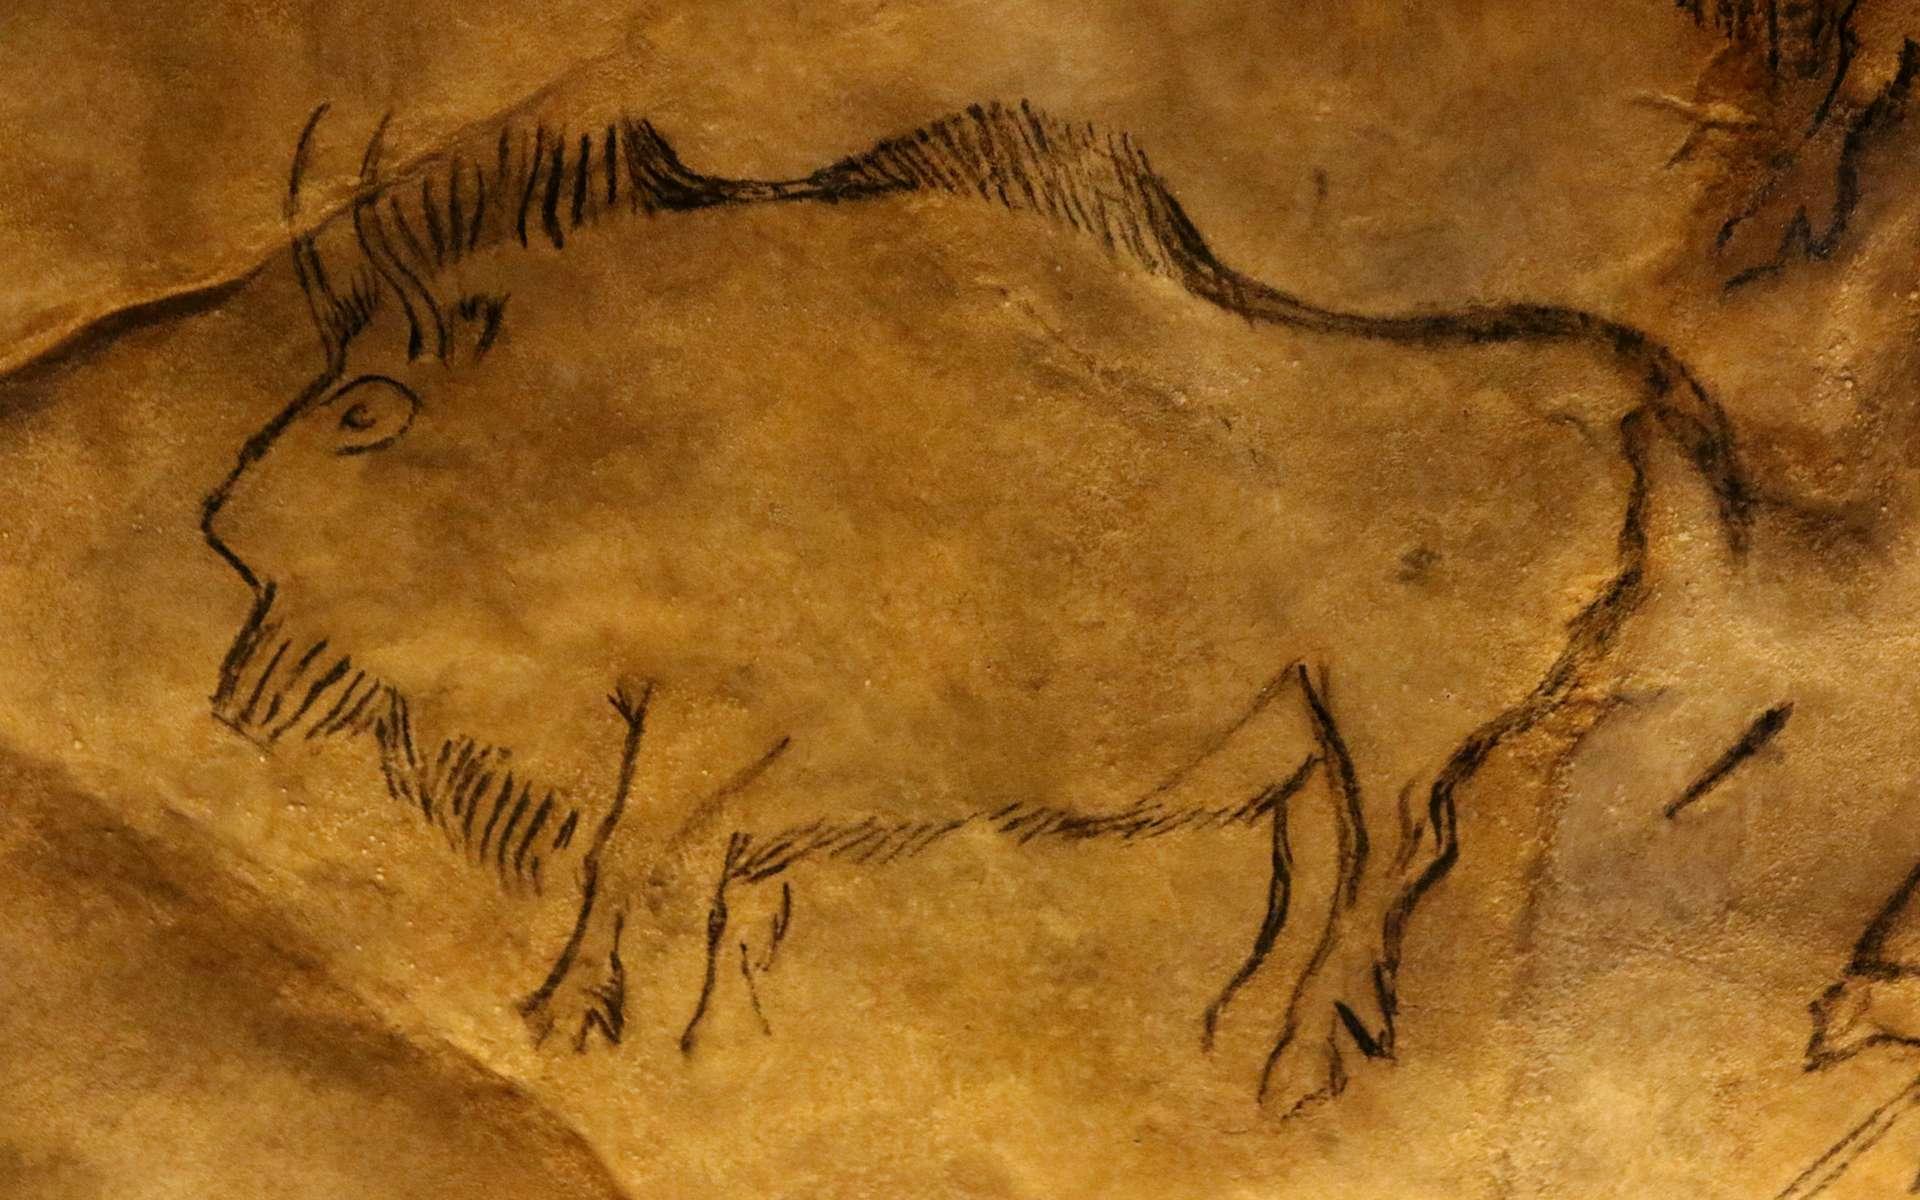 les artistes préhistoriques étaient-ils shootés pour réaliser leurs peintures rupestres ?